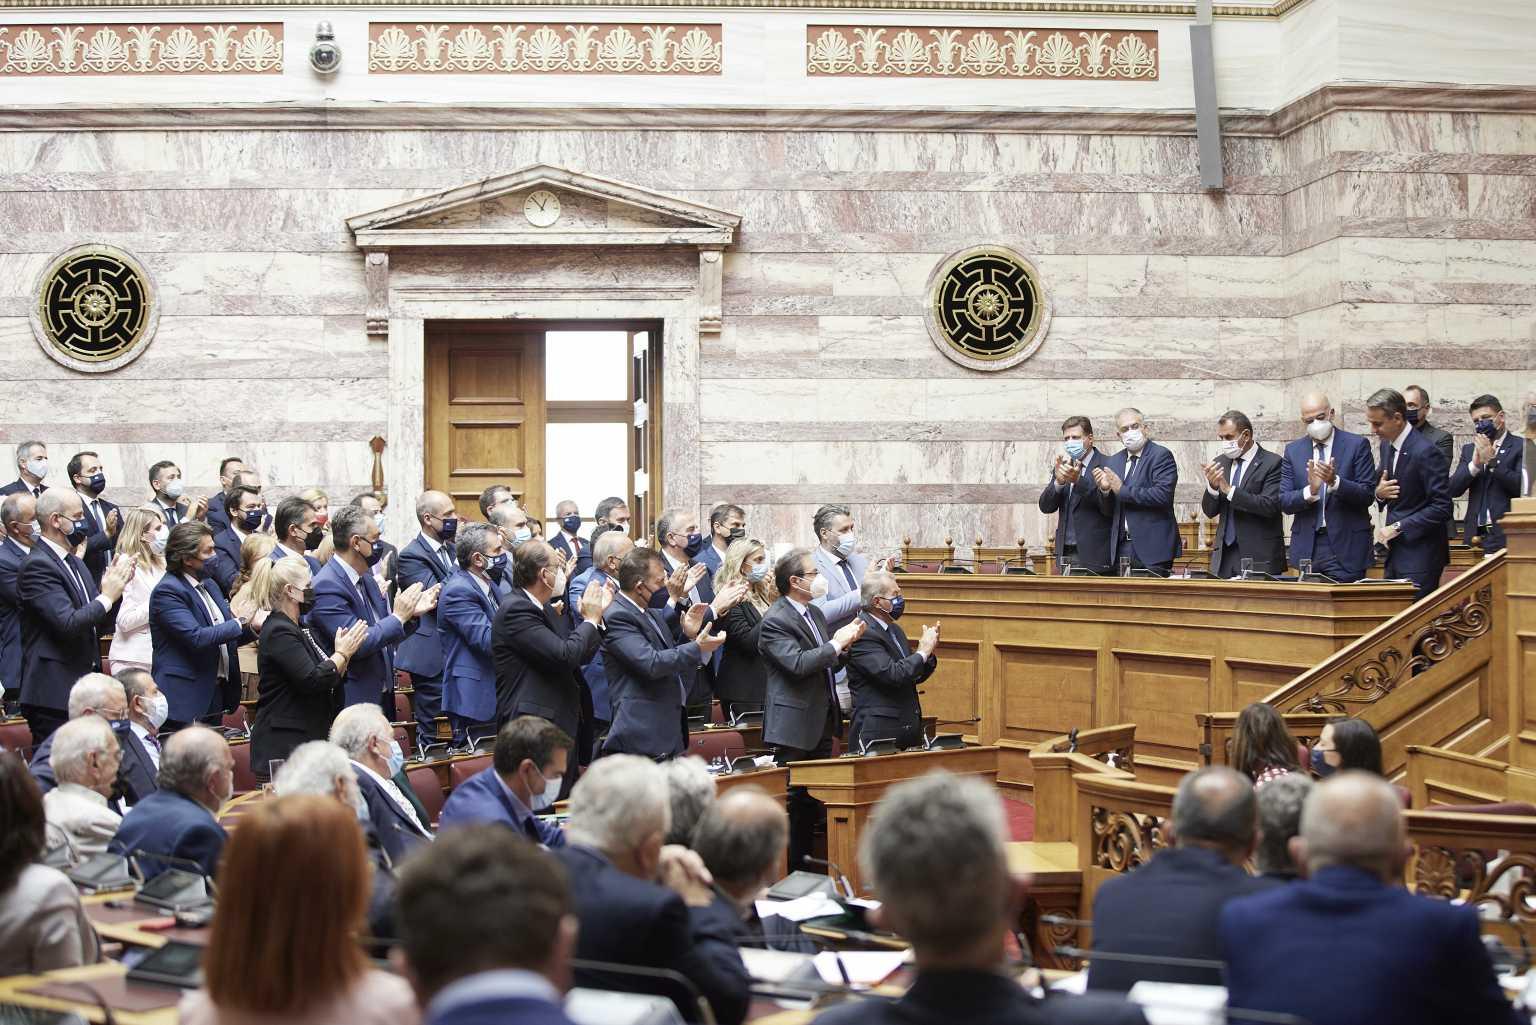 Βουλή: Υπερψηφίστηκε η αμυντική συμφωνία Ελλάδας – Γαλλίας